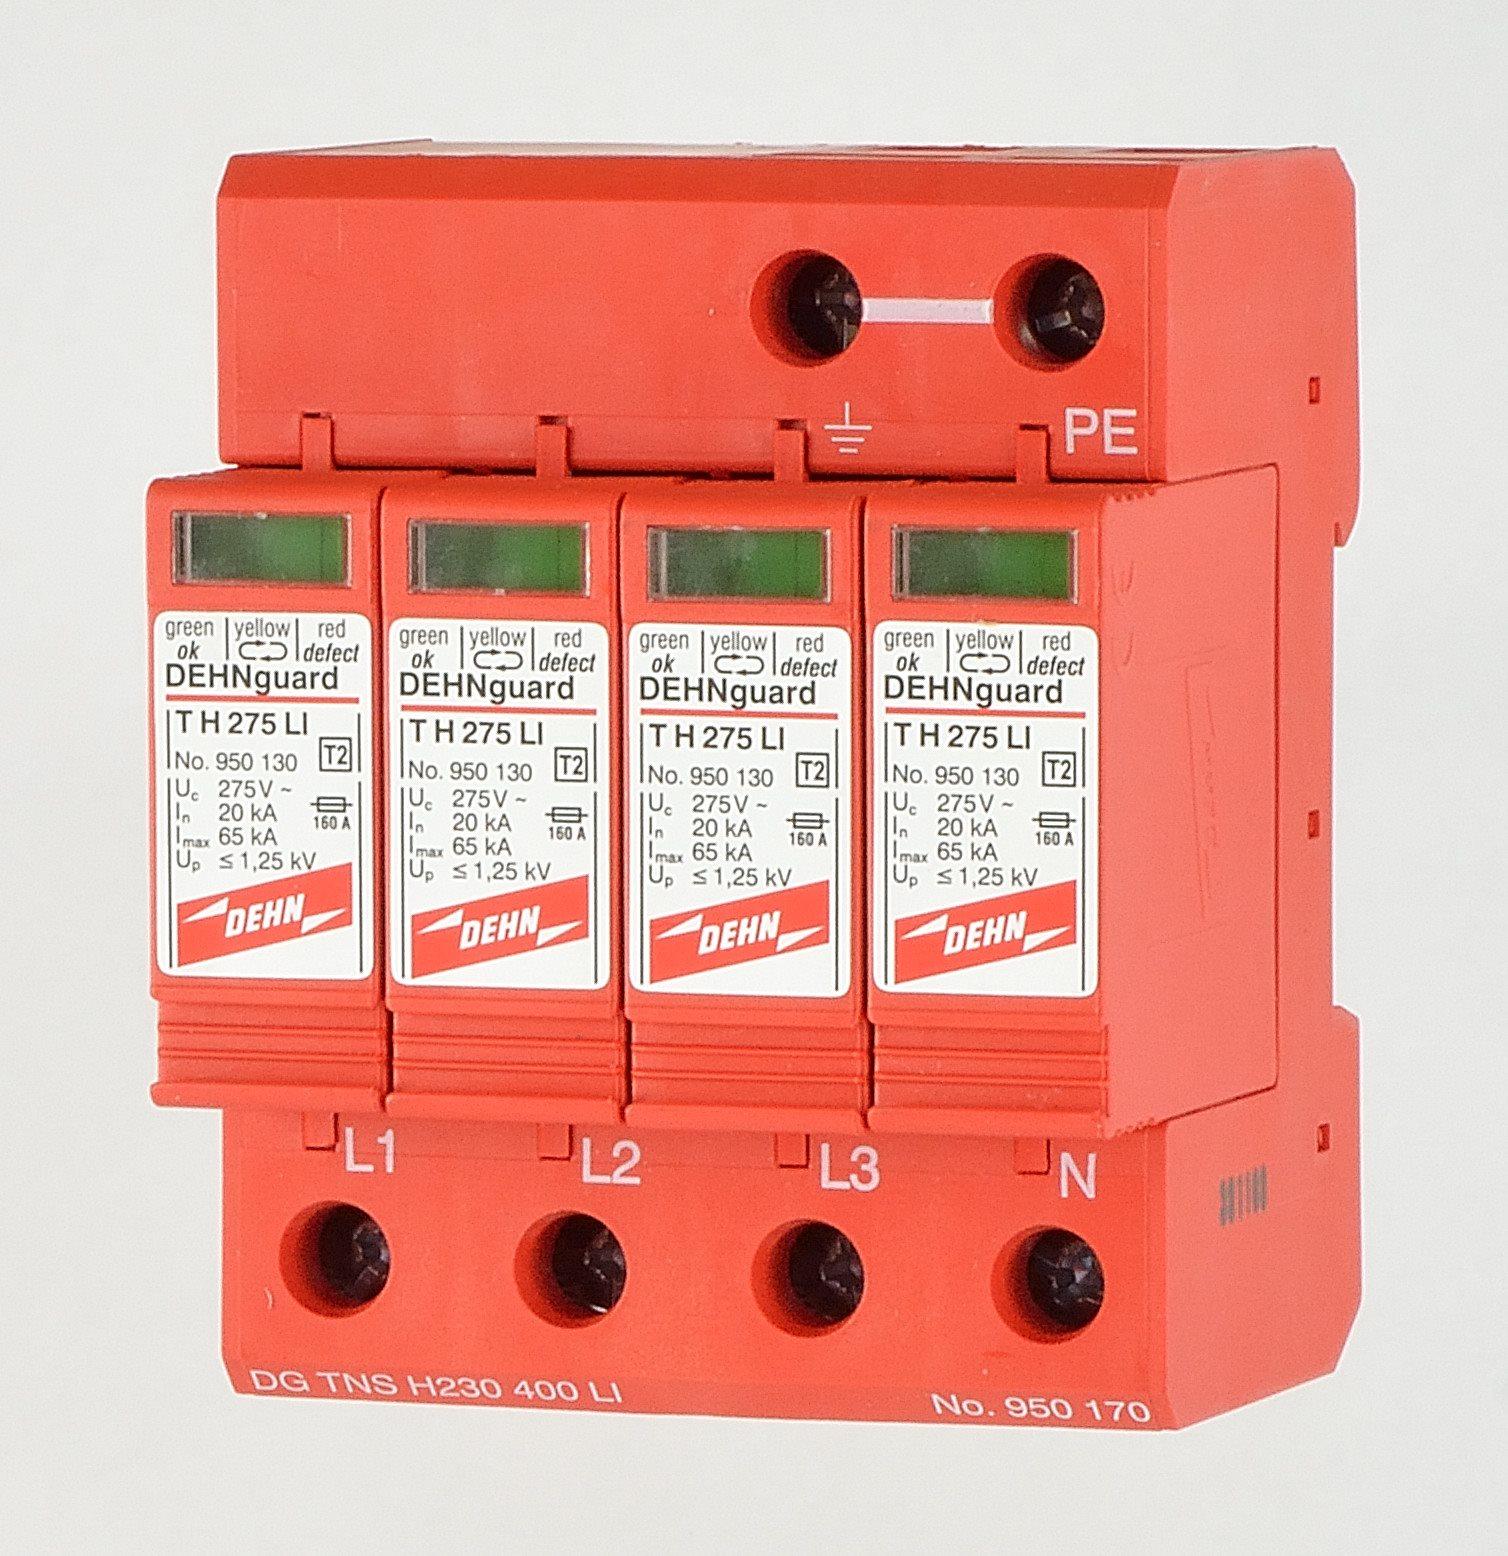 DEHNguard DG TNS H230 400 LI ÜS Ableiter Dehn 950170-16600